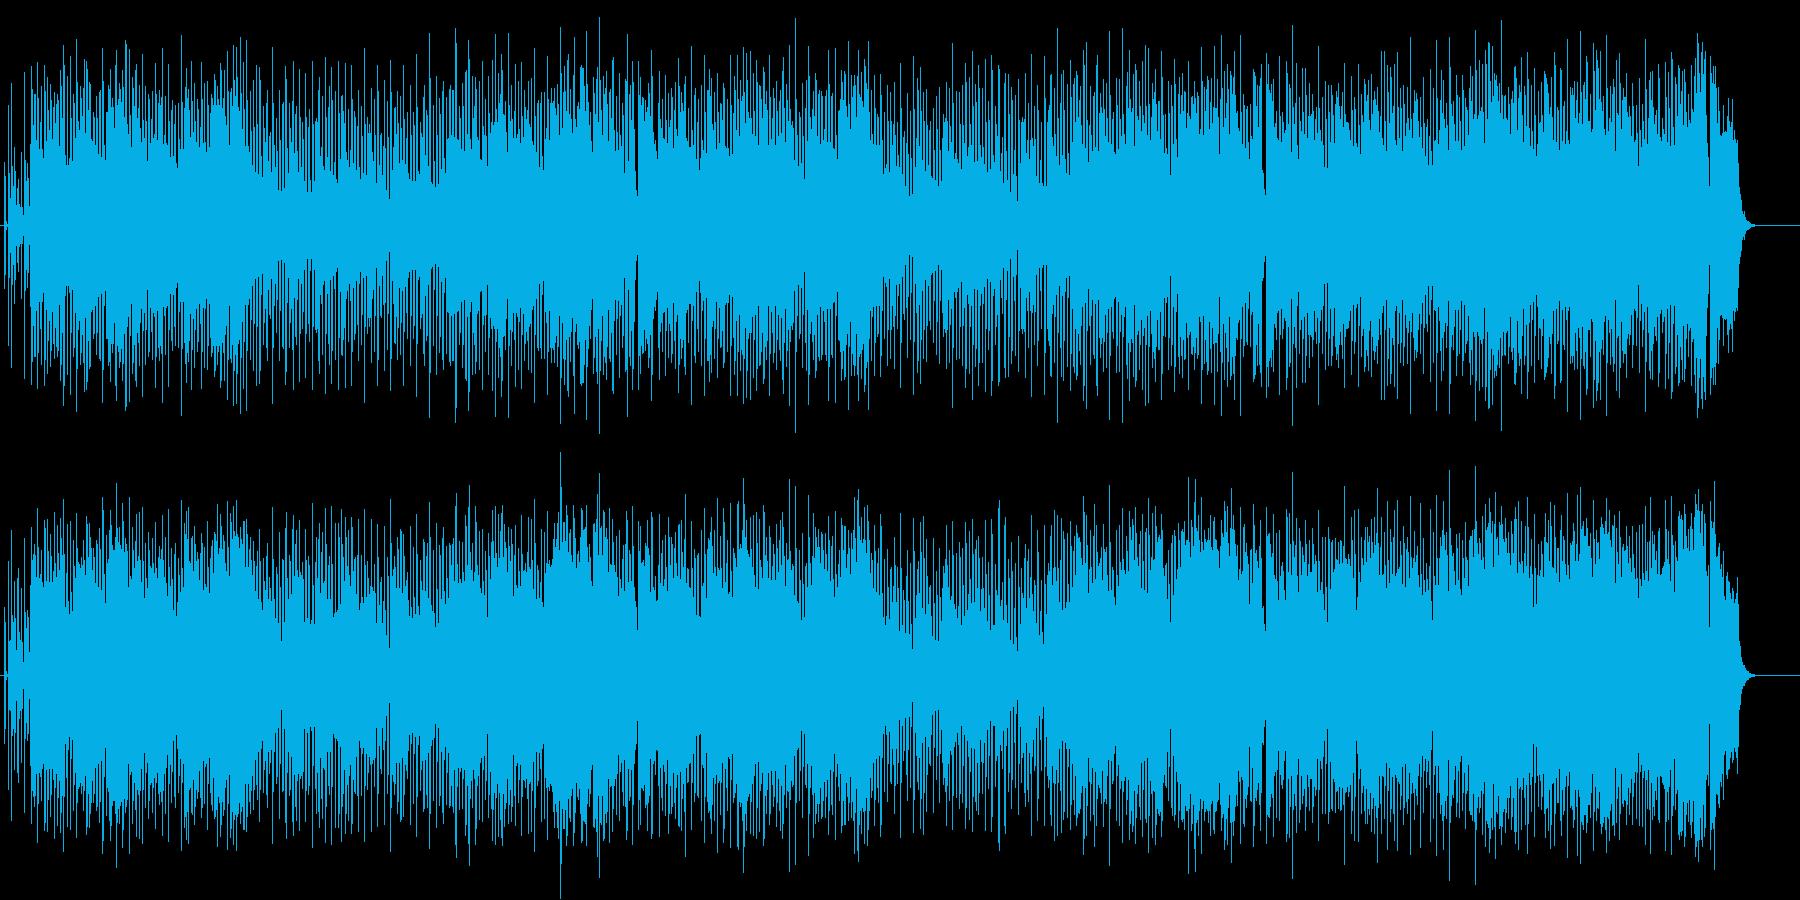 大らかでダイナミックなポップ・サウンドの再生済みの波形